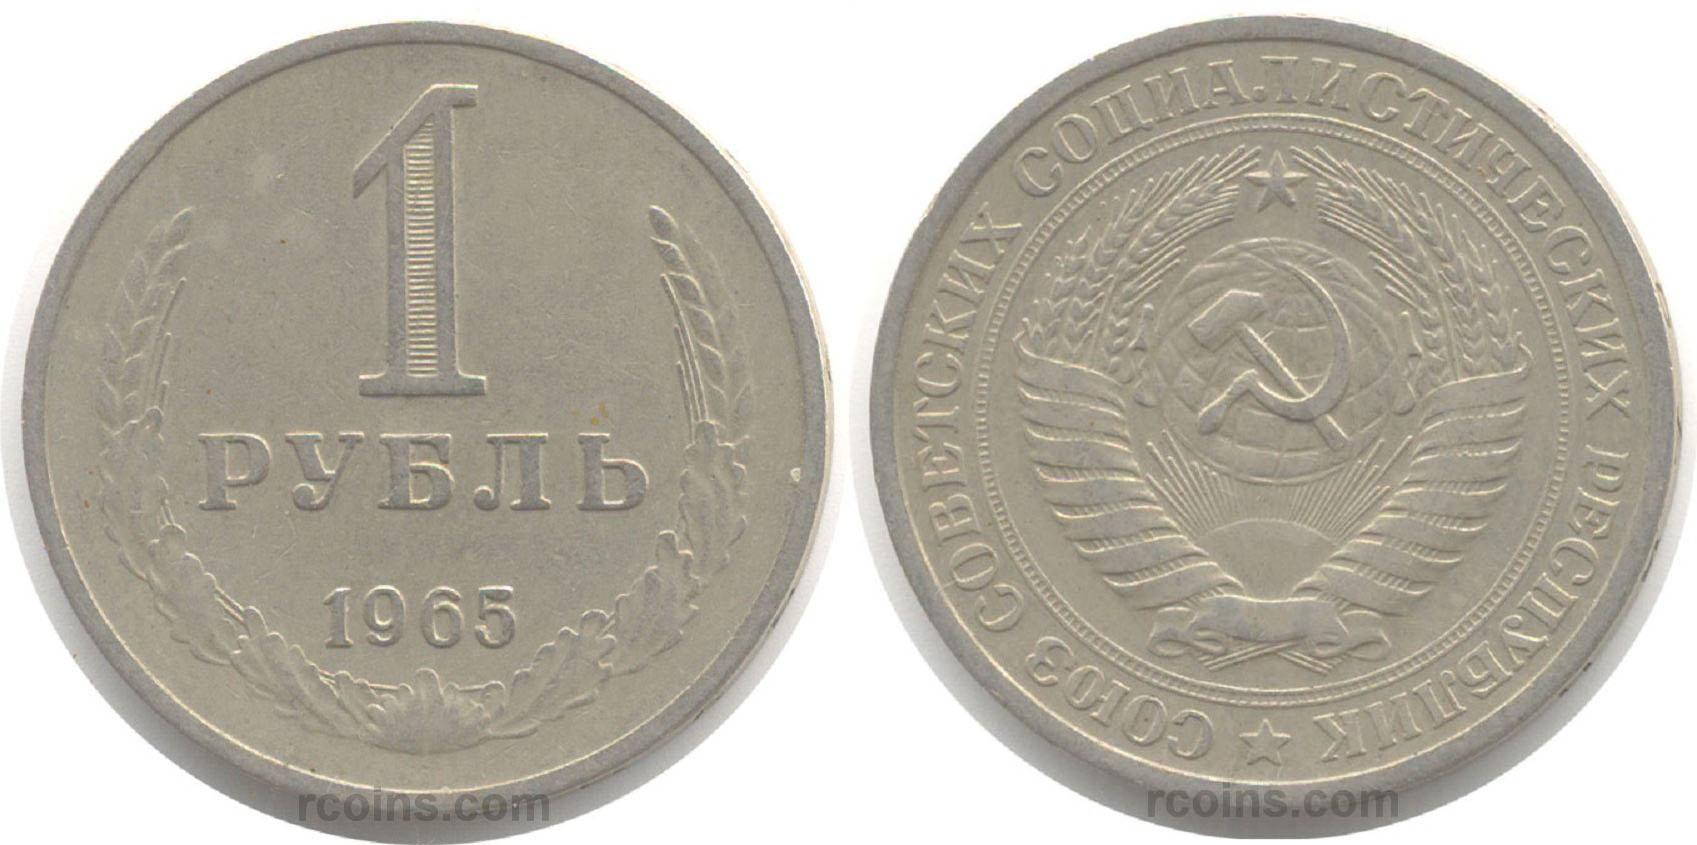 a1-rubl-1965.jpg